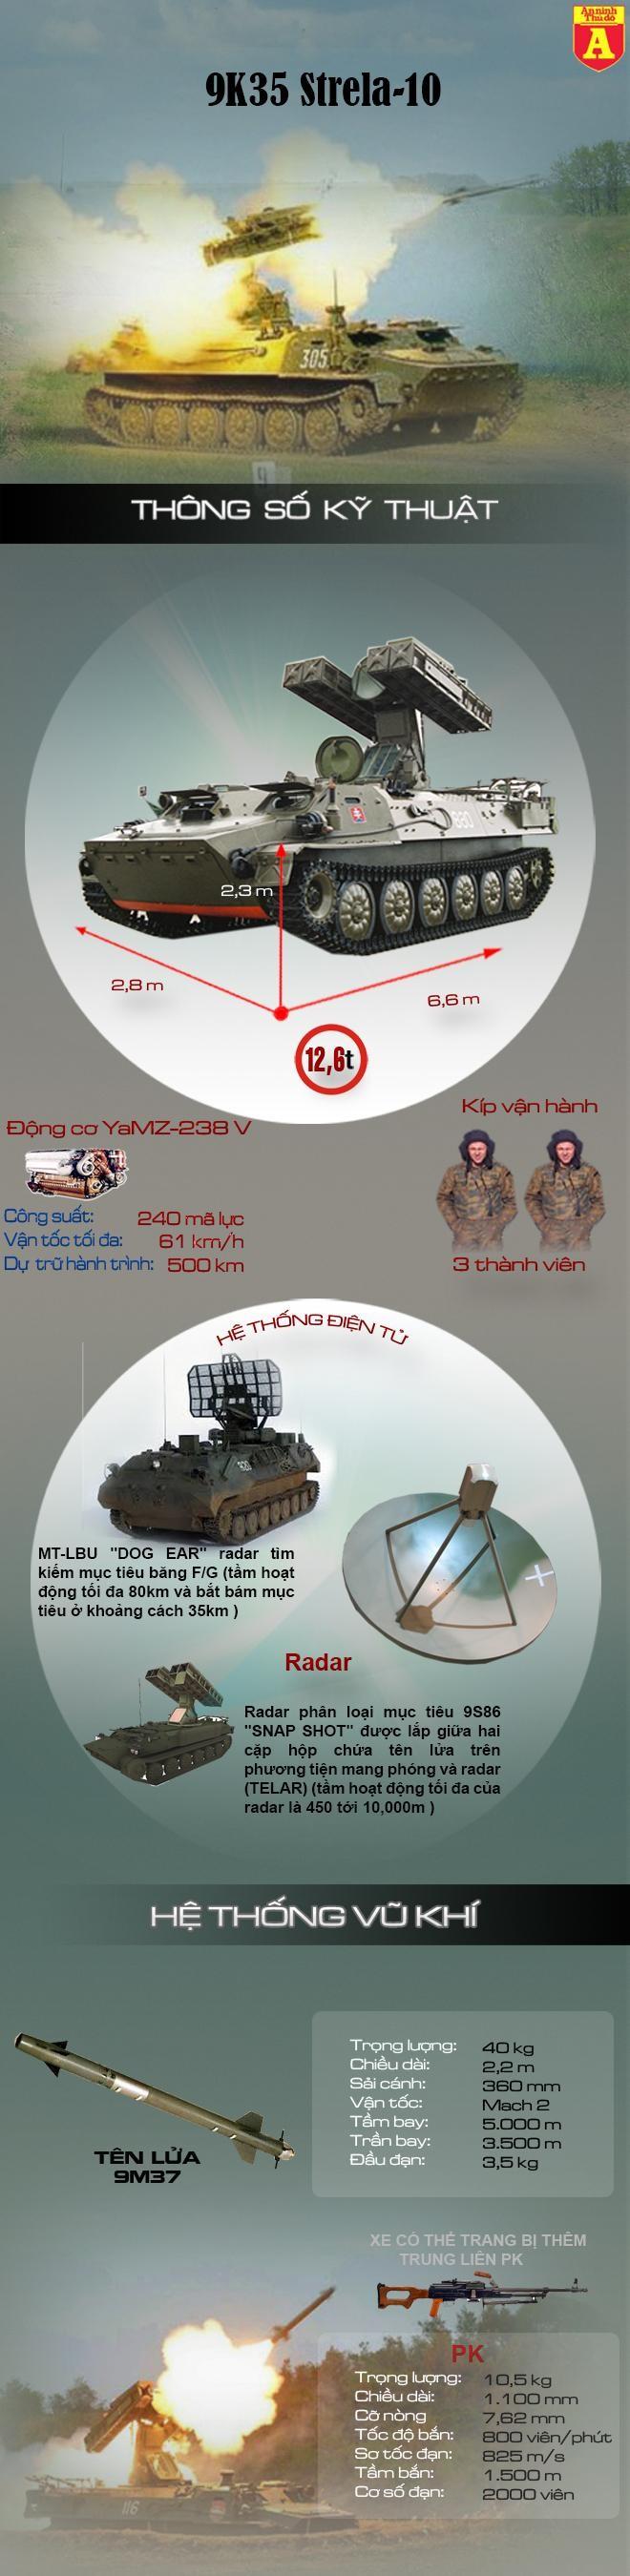 [Info] Trong tay dân quân miền Đông Ukraine có tên lửa phòng không cực nguy hiểm ảnh 2